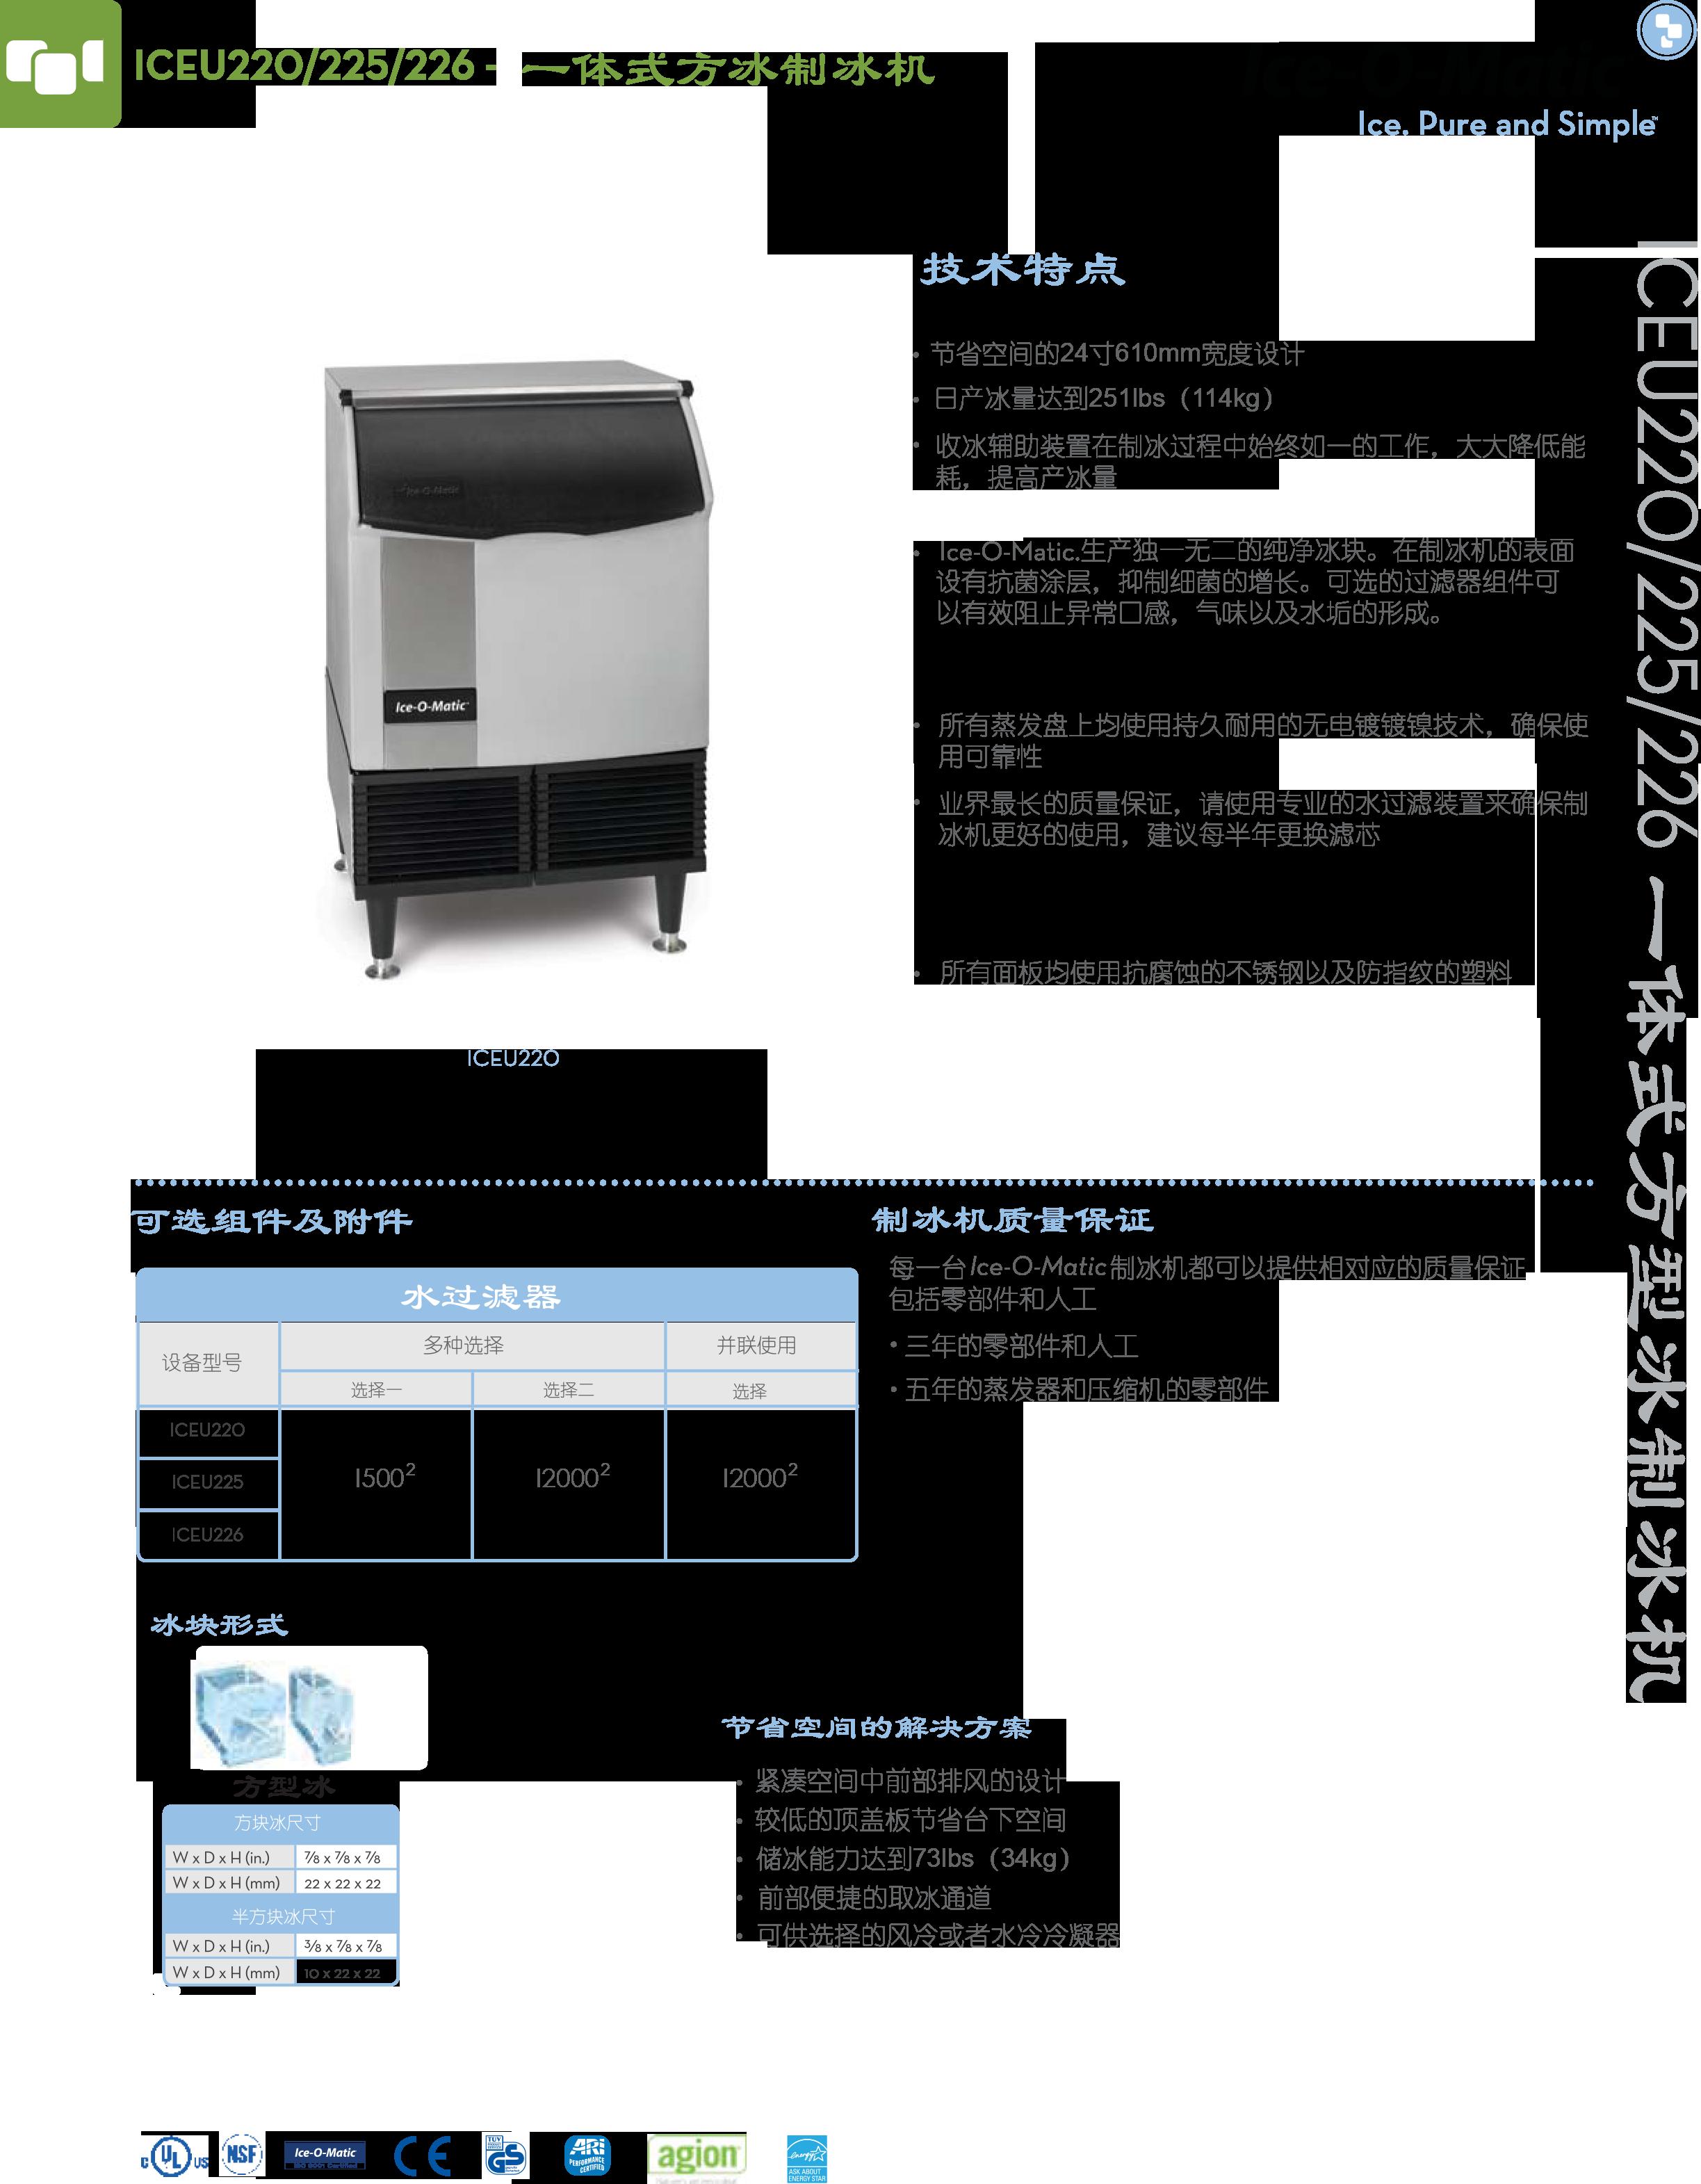 Ice-O-Matic ICEU225方冰机